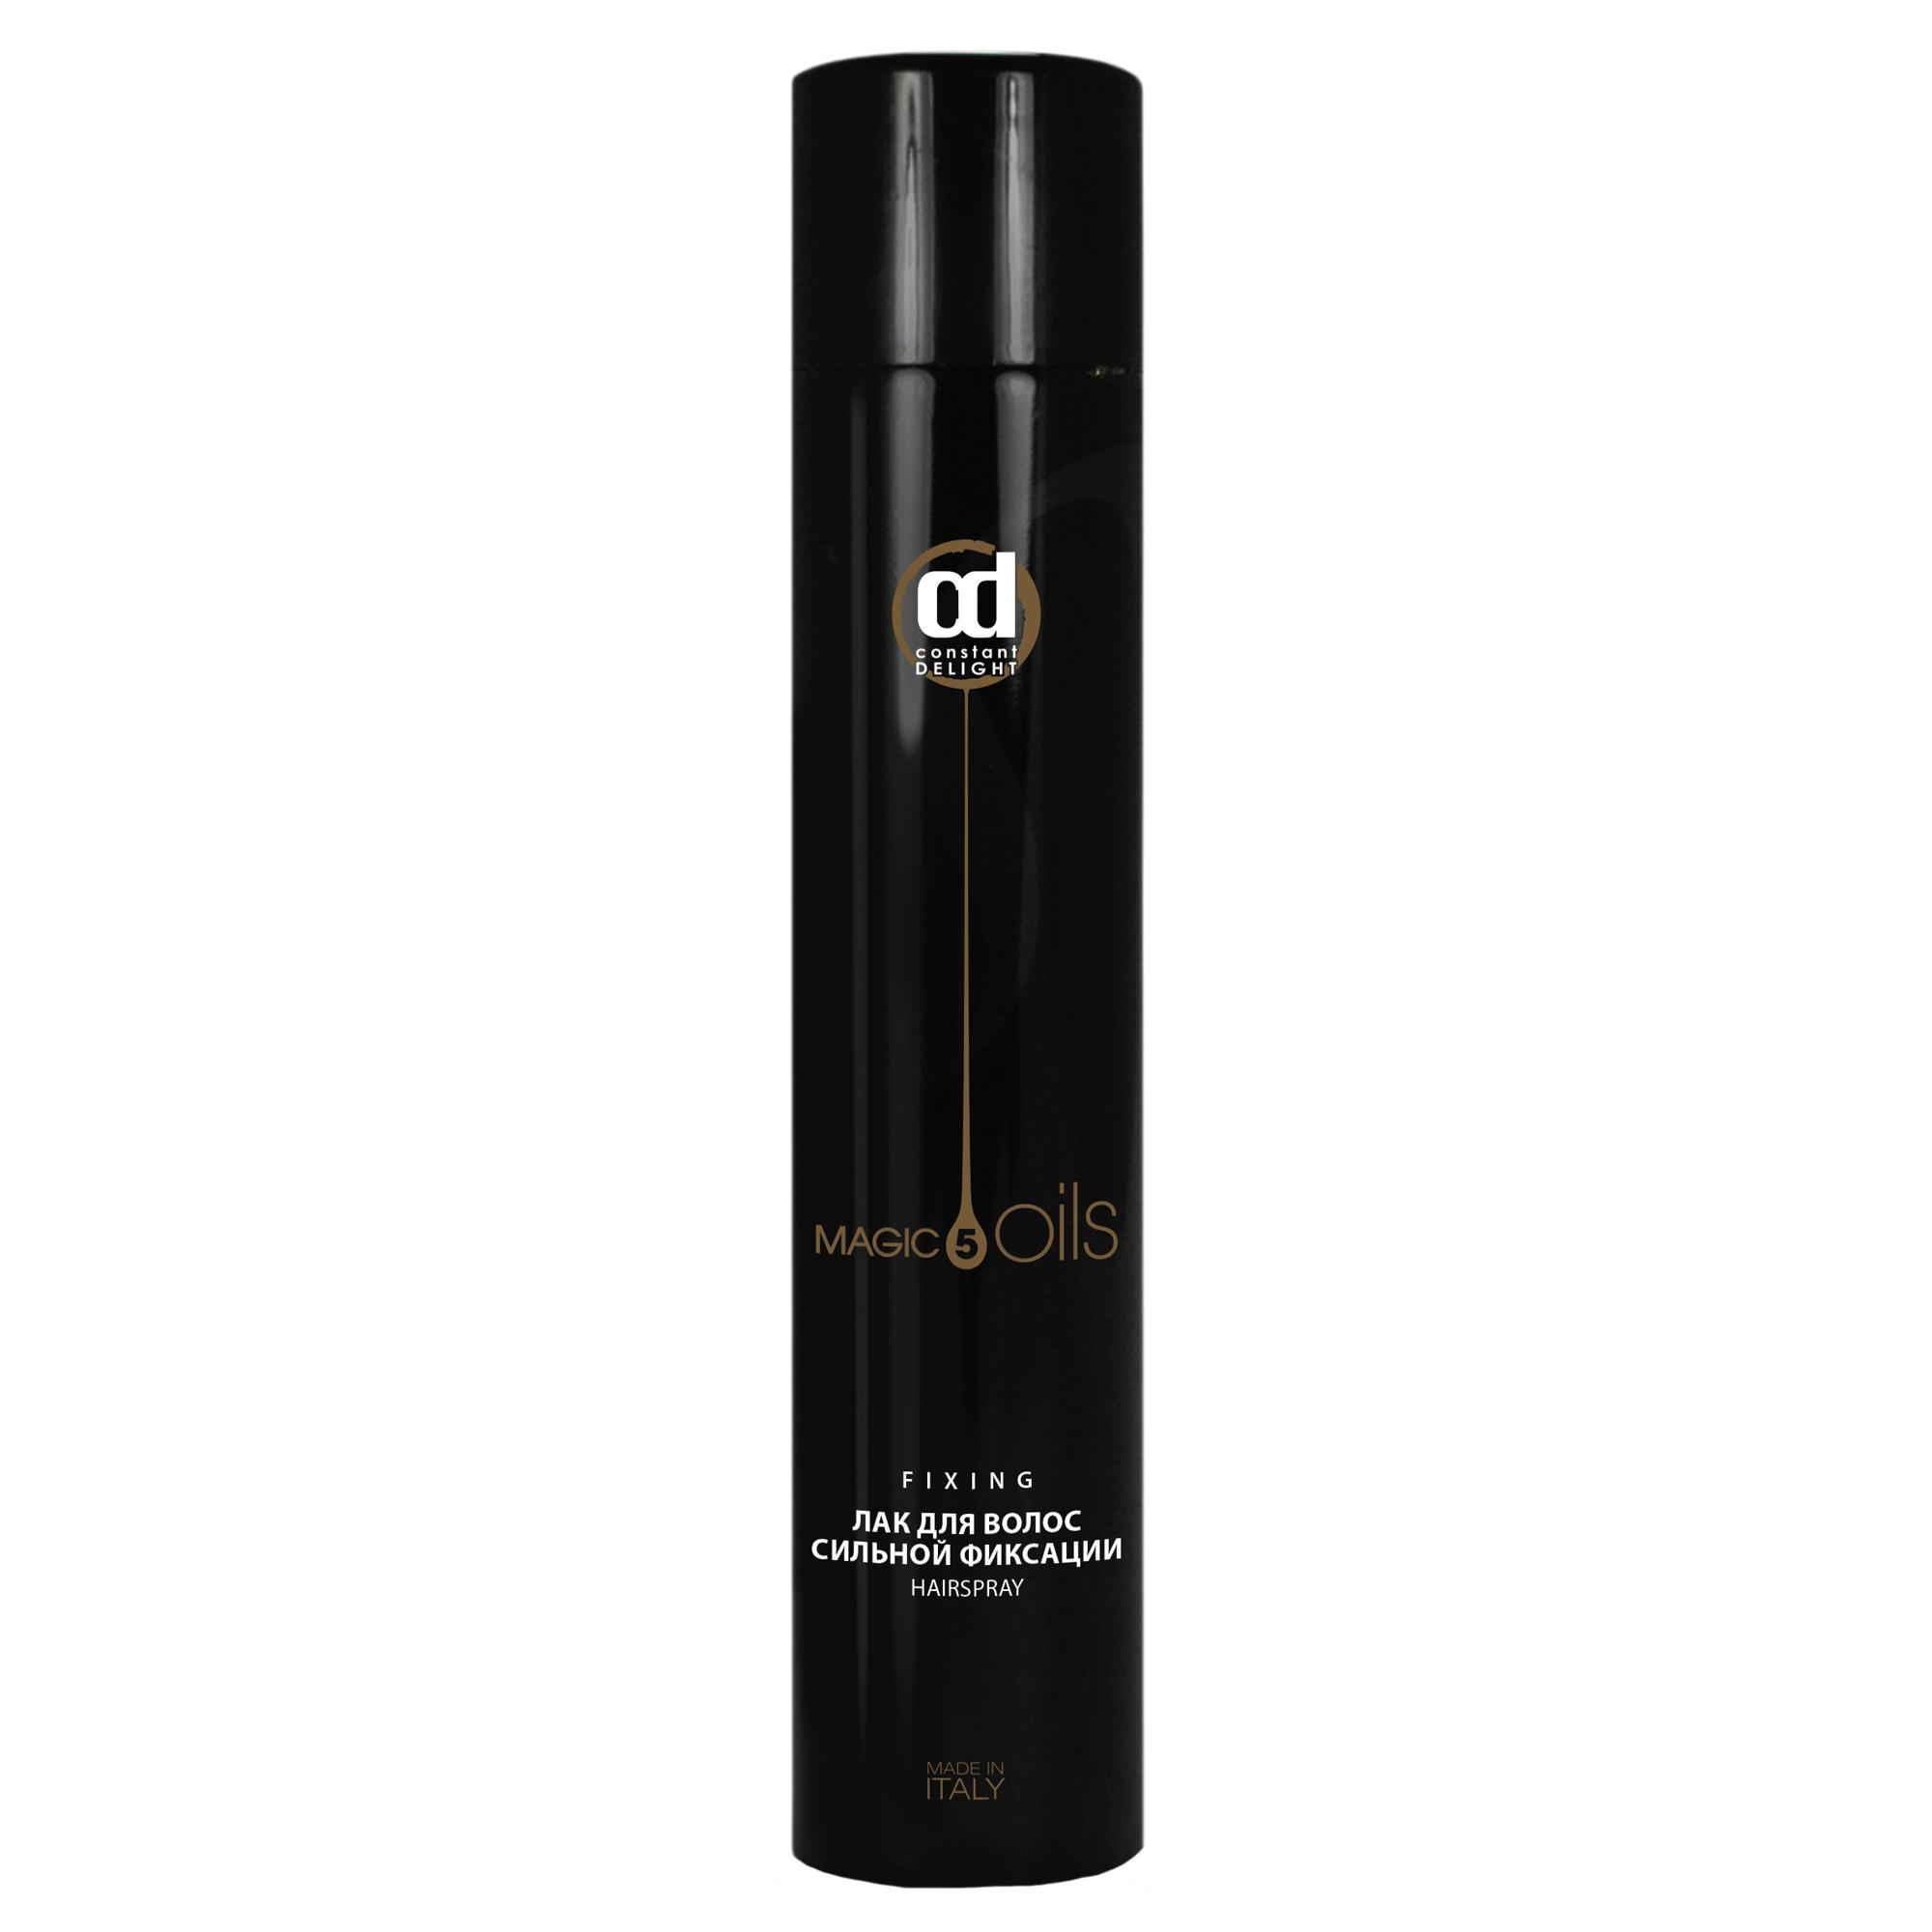 CONSTANT DELIGHT Лак для волос сильной фиксации / 5 Magic Oil 490 млЛаки<br>Обеспечивает естественную укладку волос длительной фиксации. Формула лака, состоящая из  5 Магических Масел : Макадамии, Хлопка, Жожоба, Авокадо, Арганы, питает волосы и возвращает им жизненную силу, энергию и блеск. Лак способен закрепить любую причёску, не утяжеляя даже самые тонкие волосы. Особо мягкие смолы, входящие в состав продукта, позволяют сохранить укладку на длительное время и защищают волосы от внешних негативных факторов. Активные ингредиенты: масла Макадами, Хлопка, Жожоба, Авокадо и Арганы. Способ применения: распылить на волосы с расстояния примерно 30 см.<br><br>Типы волос: Для всех типов